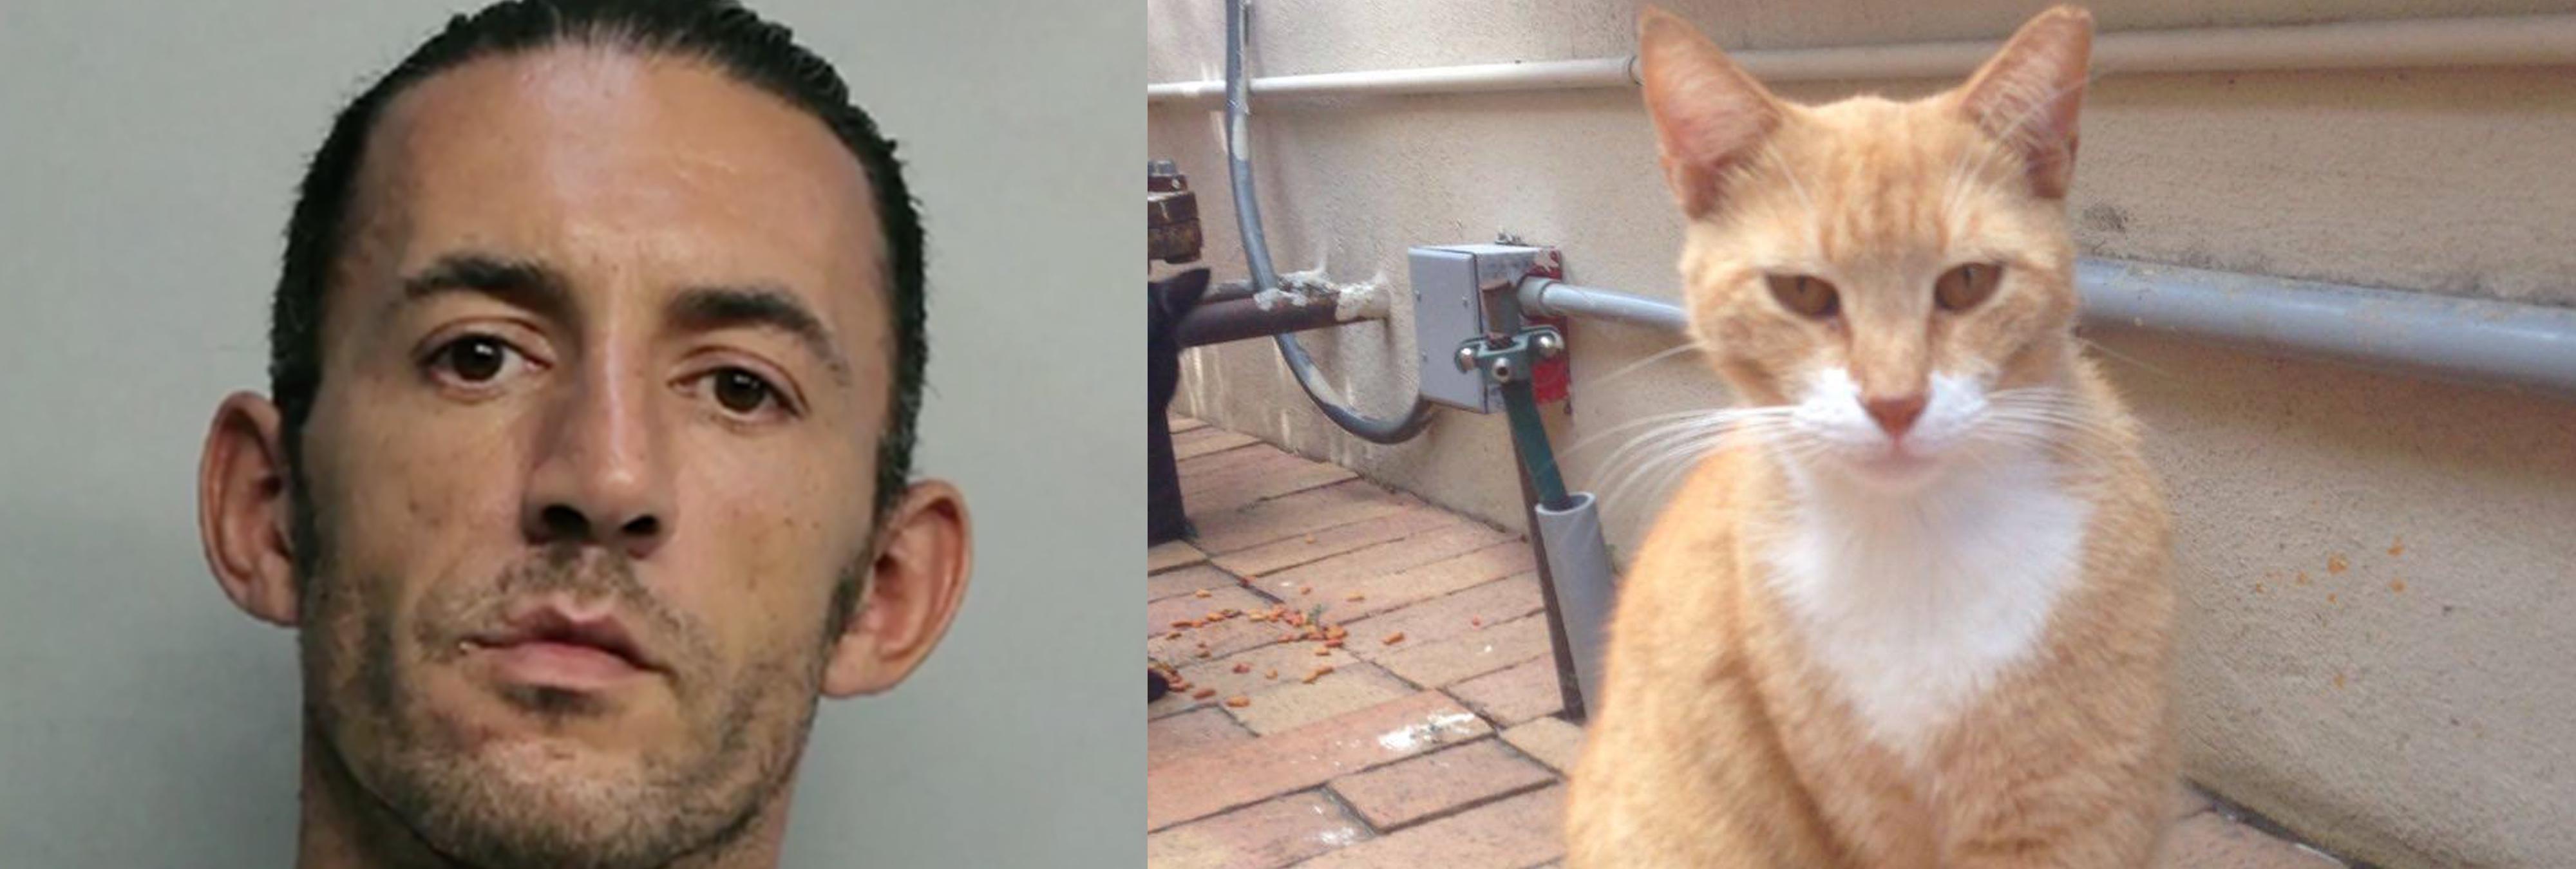 Deportan a un ciudadano griego por matar a un gato callejero con una ballesta en EEUU